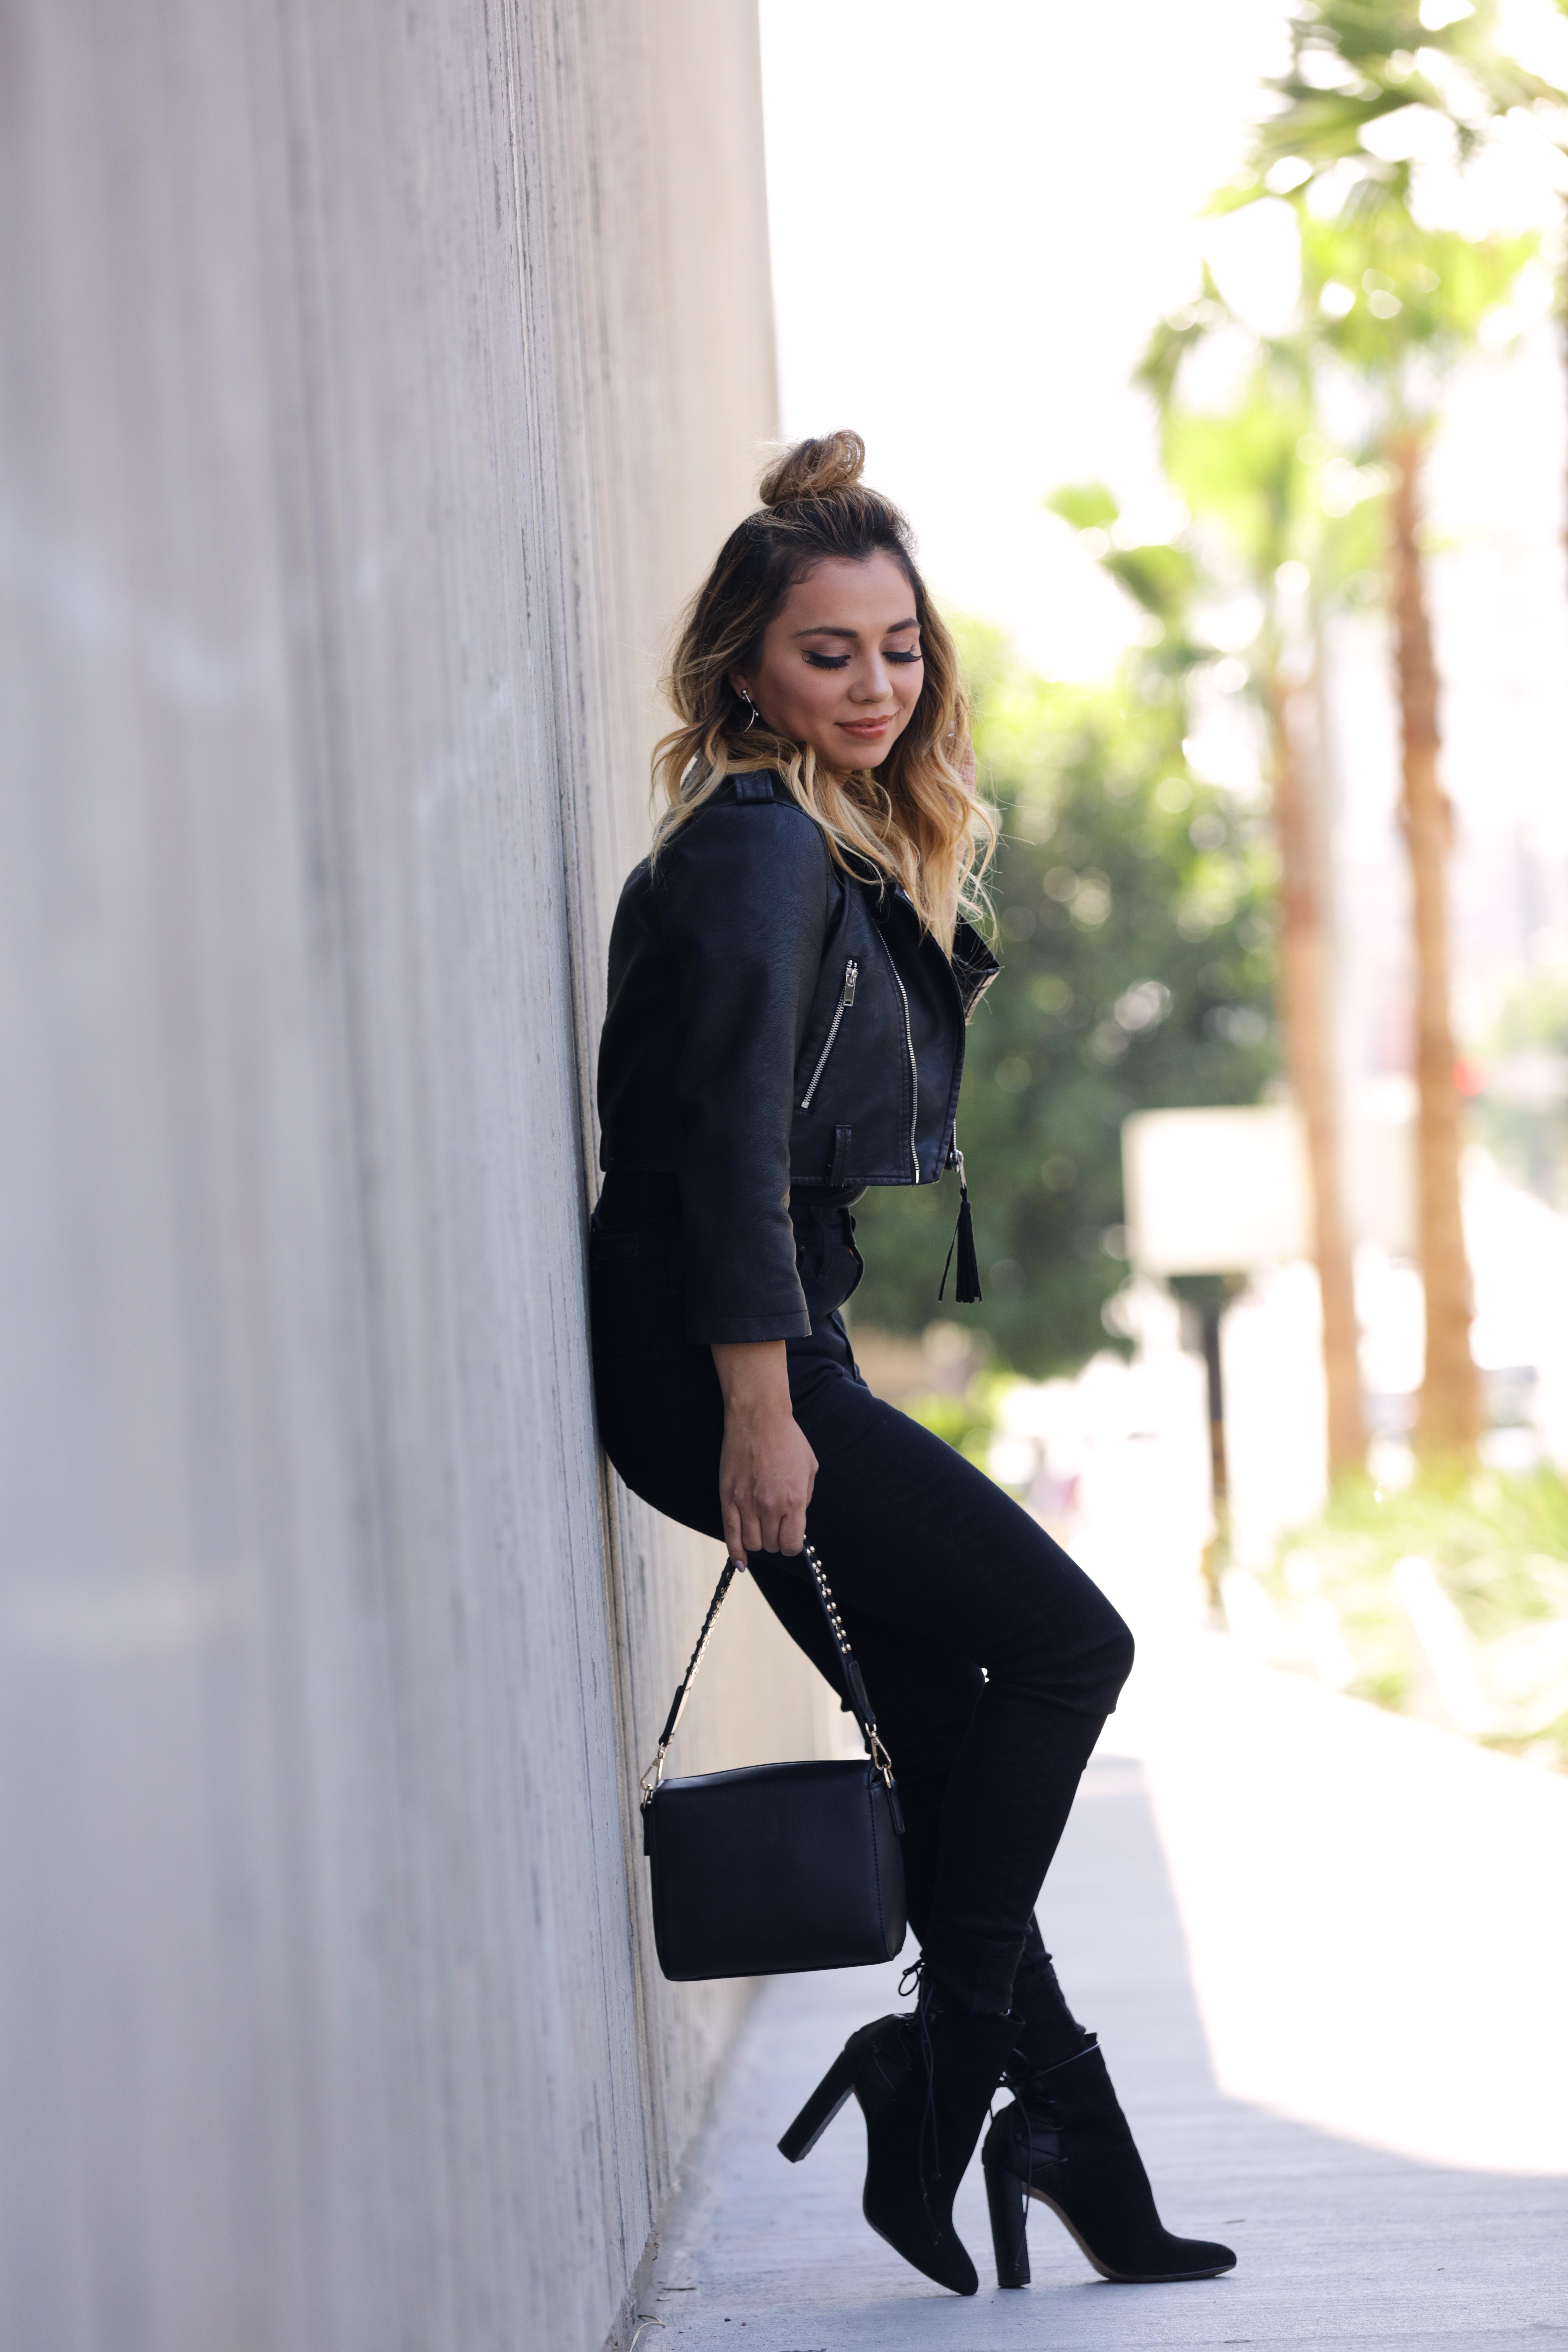 bloguera, latina, belleza